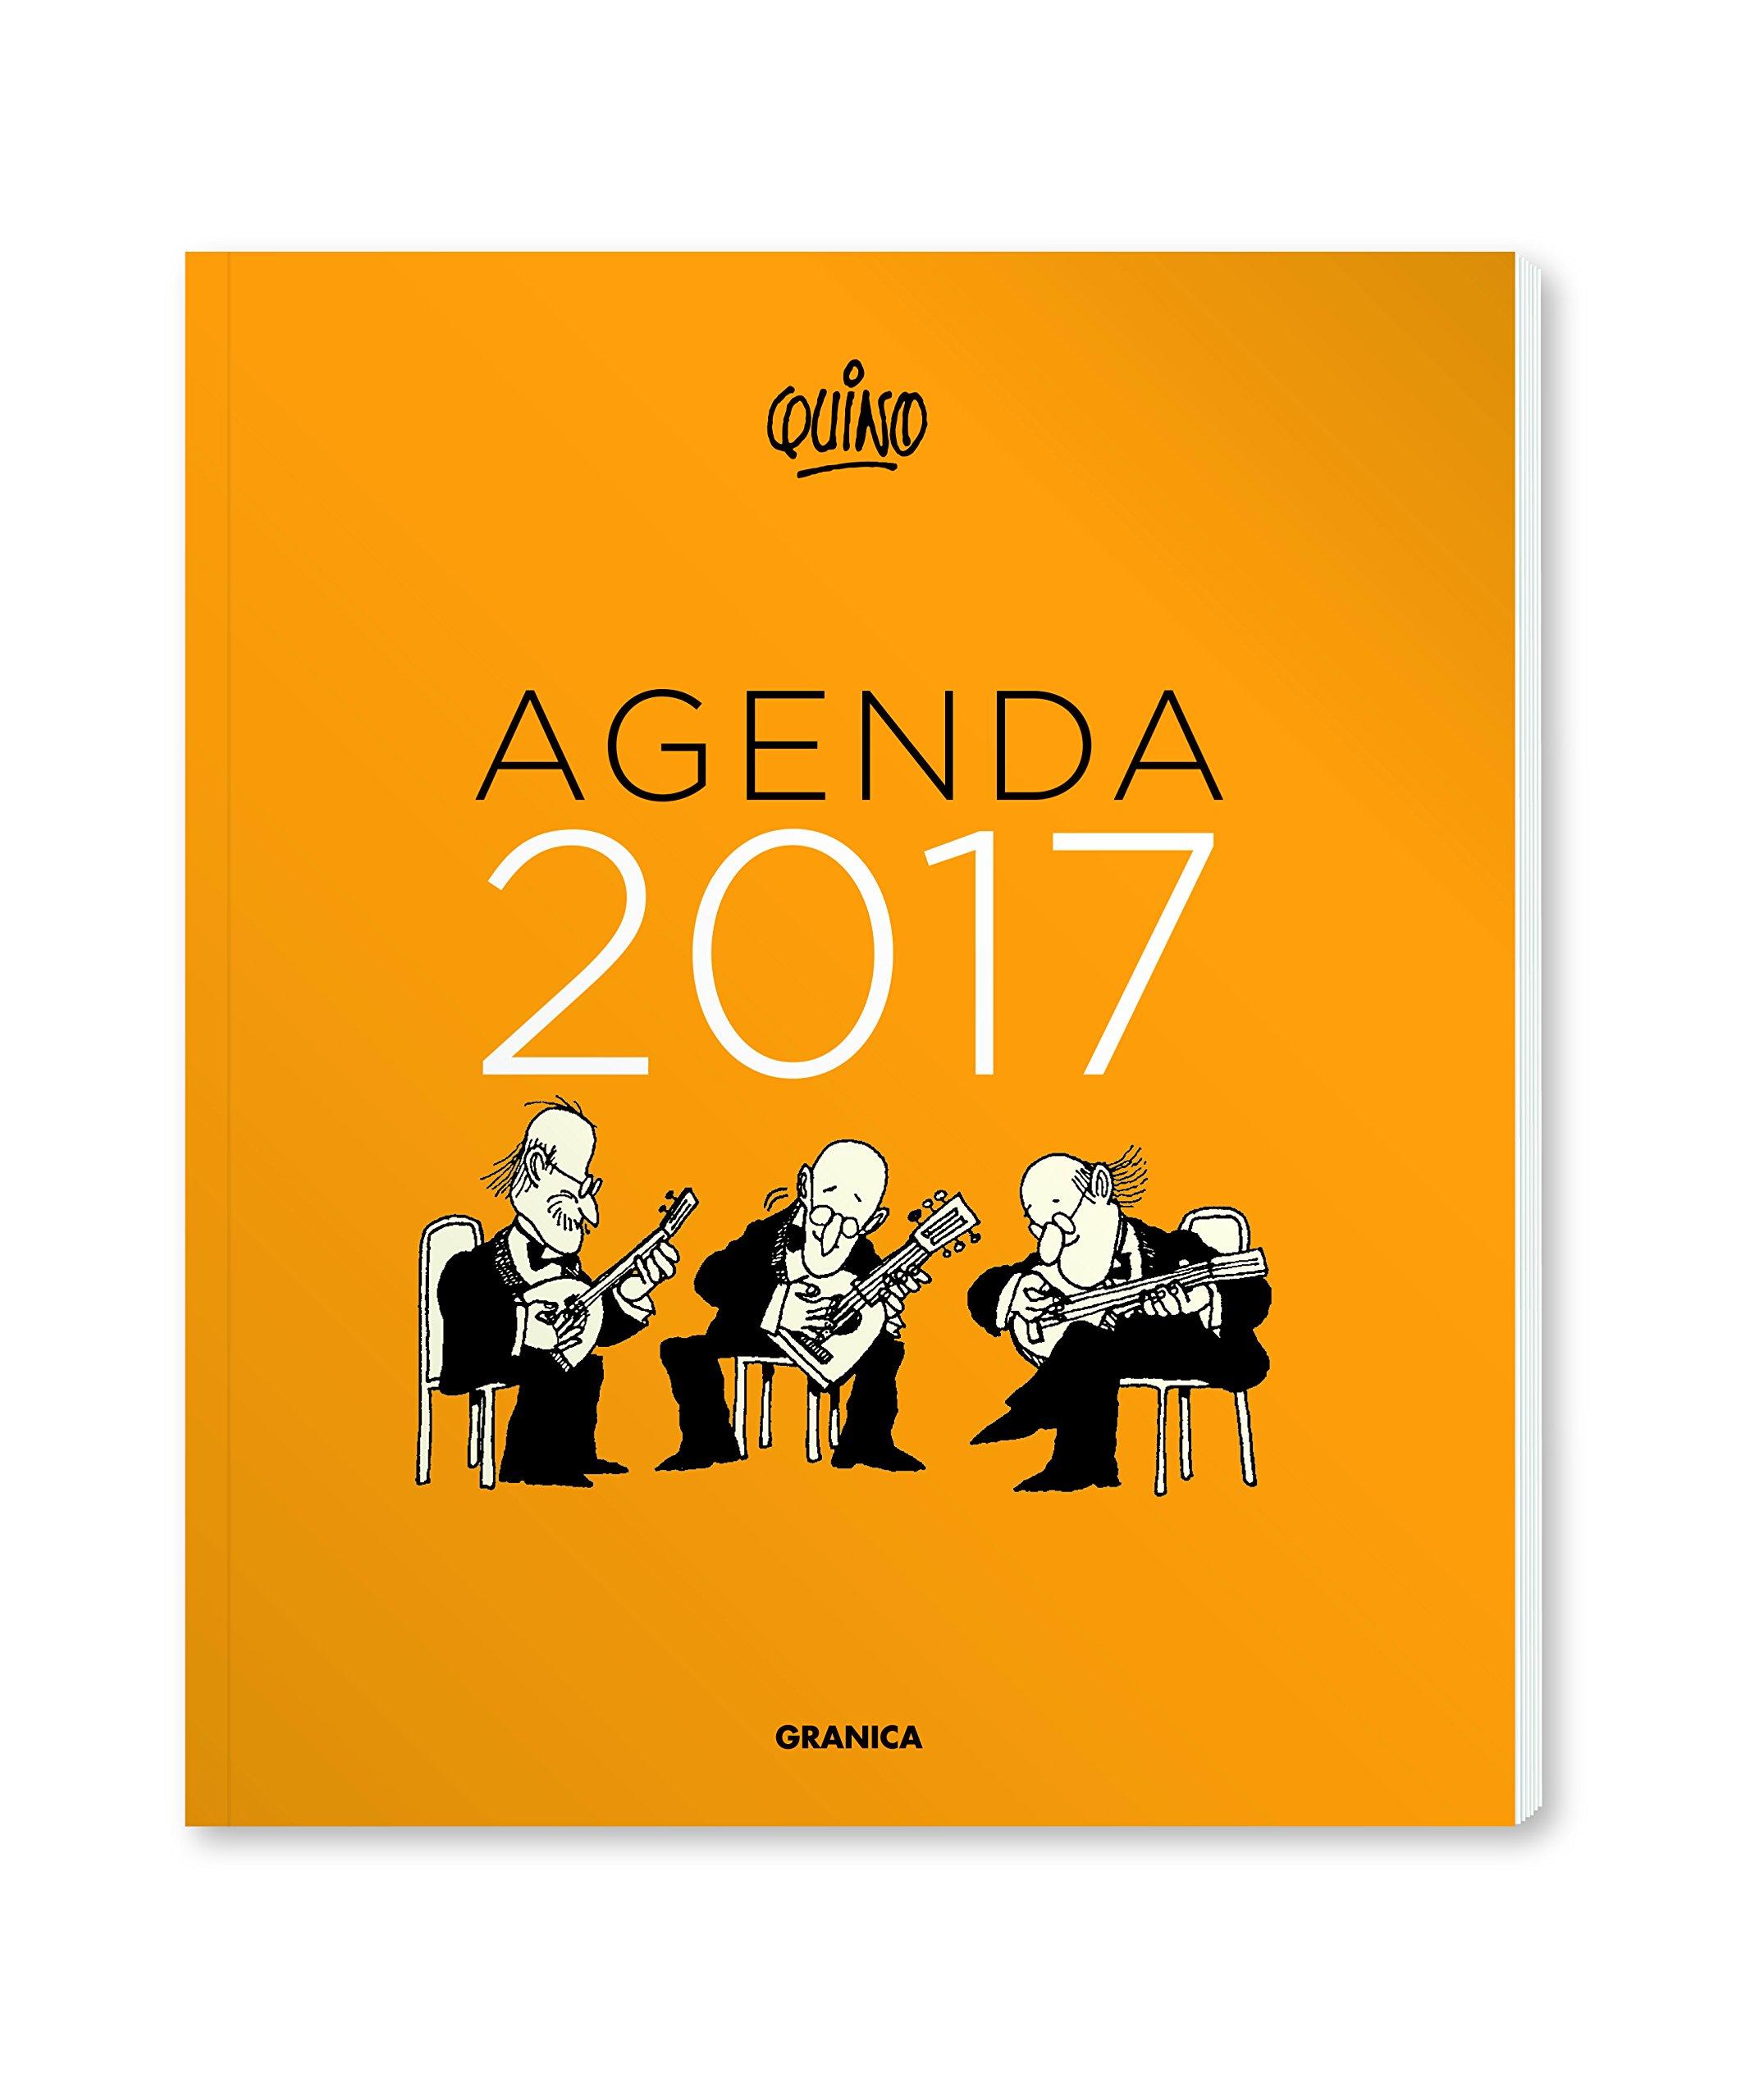 Quino 2017 Agenda encuadernada (Spanish Edition): Quino ...